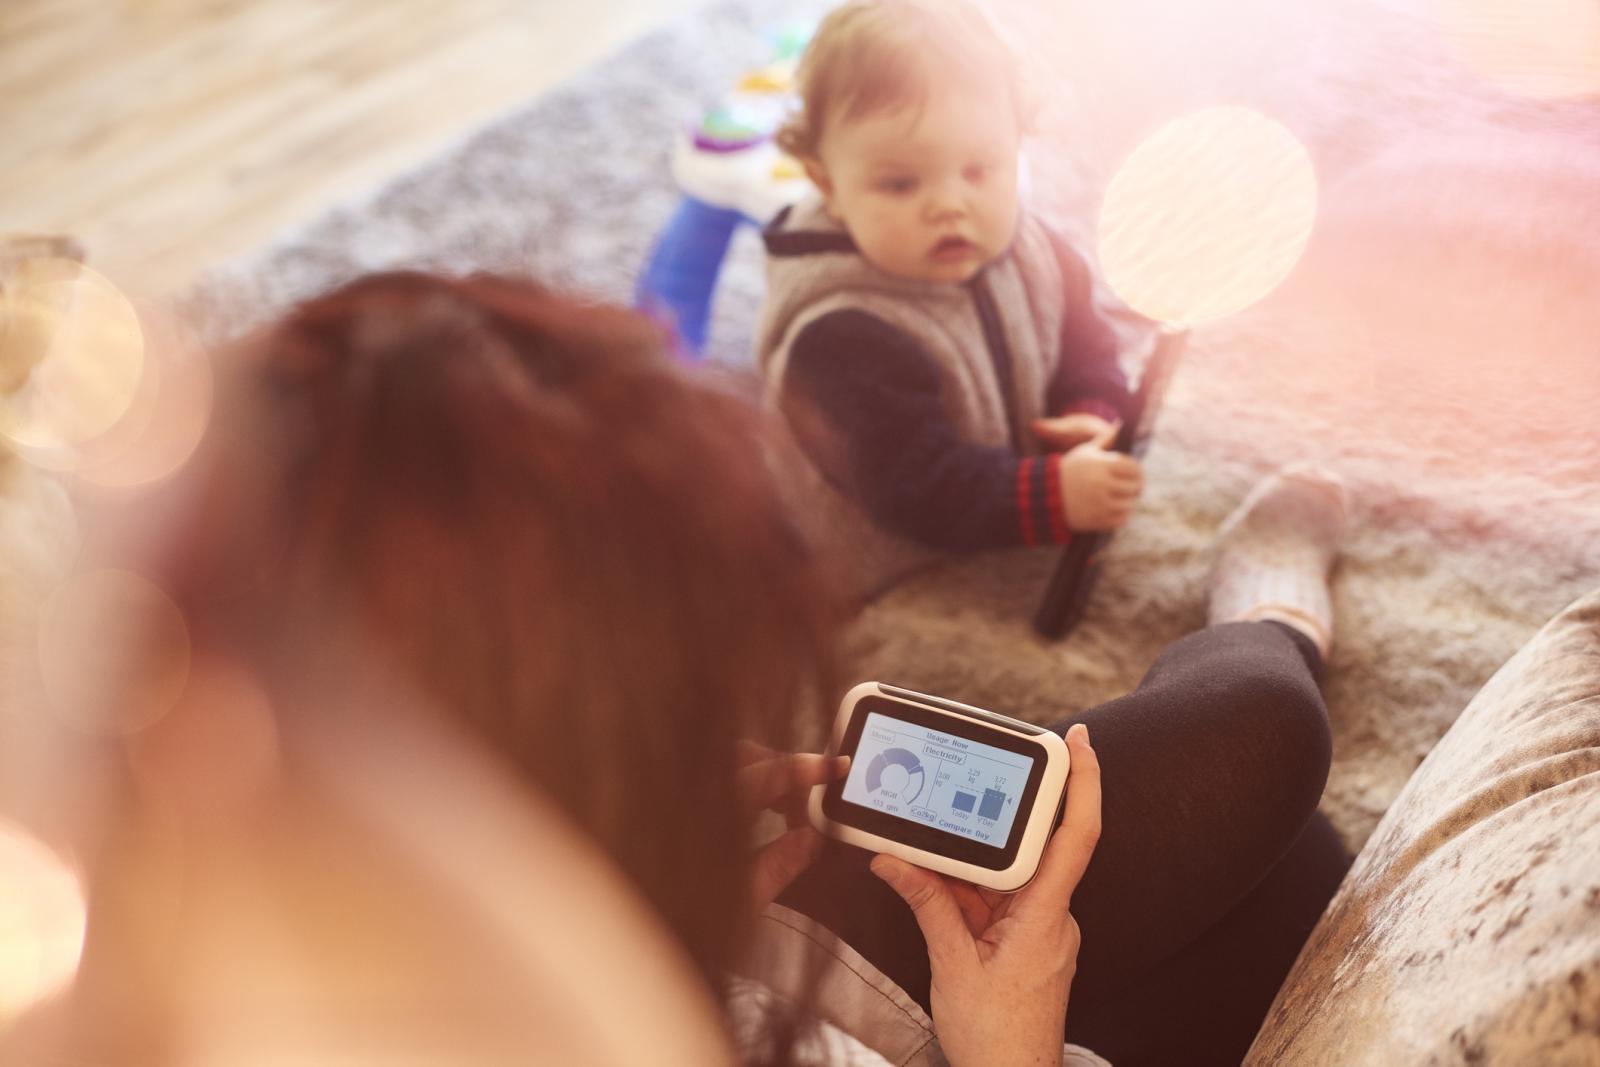 Koliko često vi koristite nove tehnologije za pomoć u svakodnevnom životu?